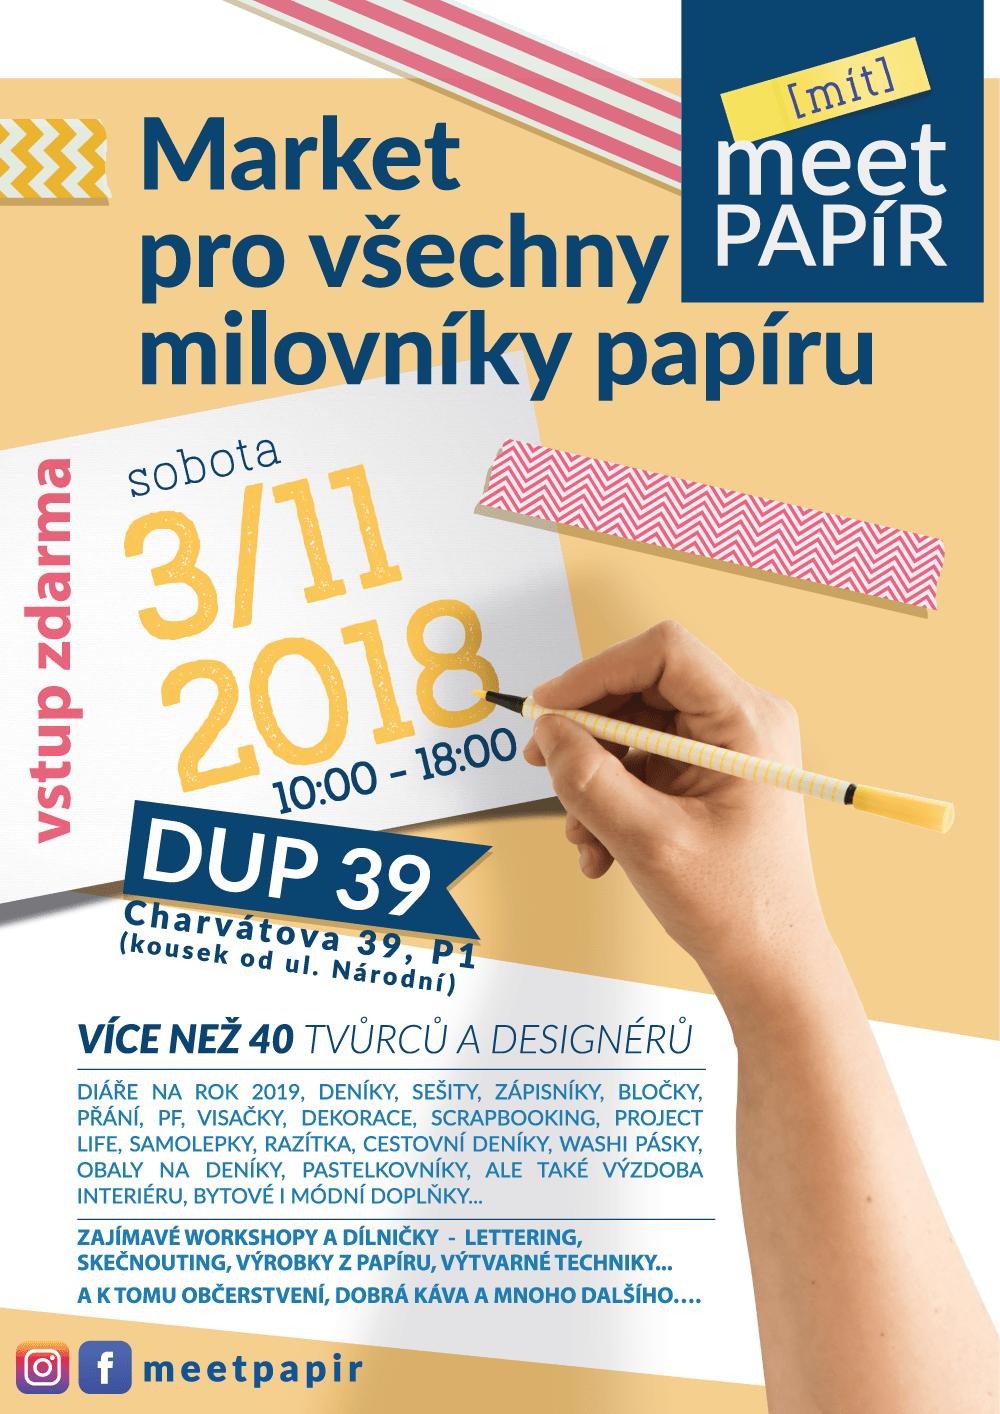 Papírový market